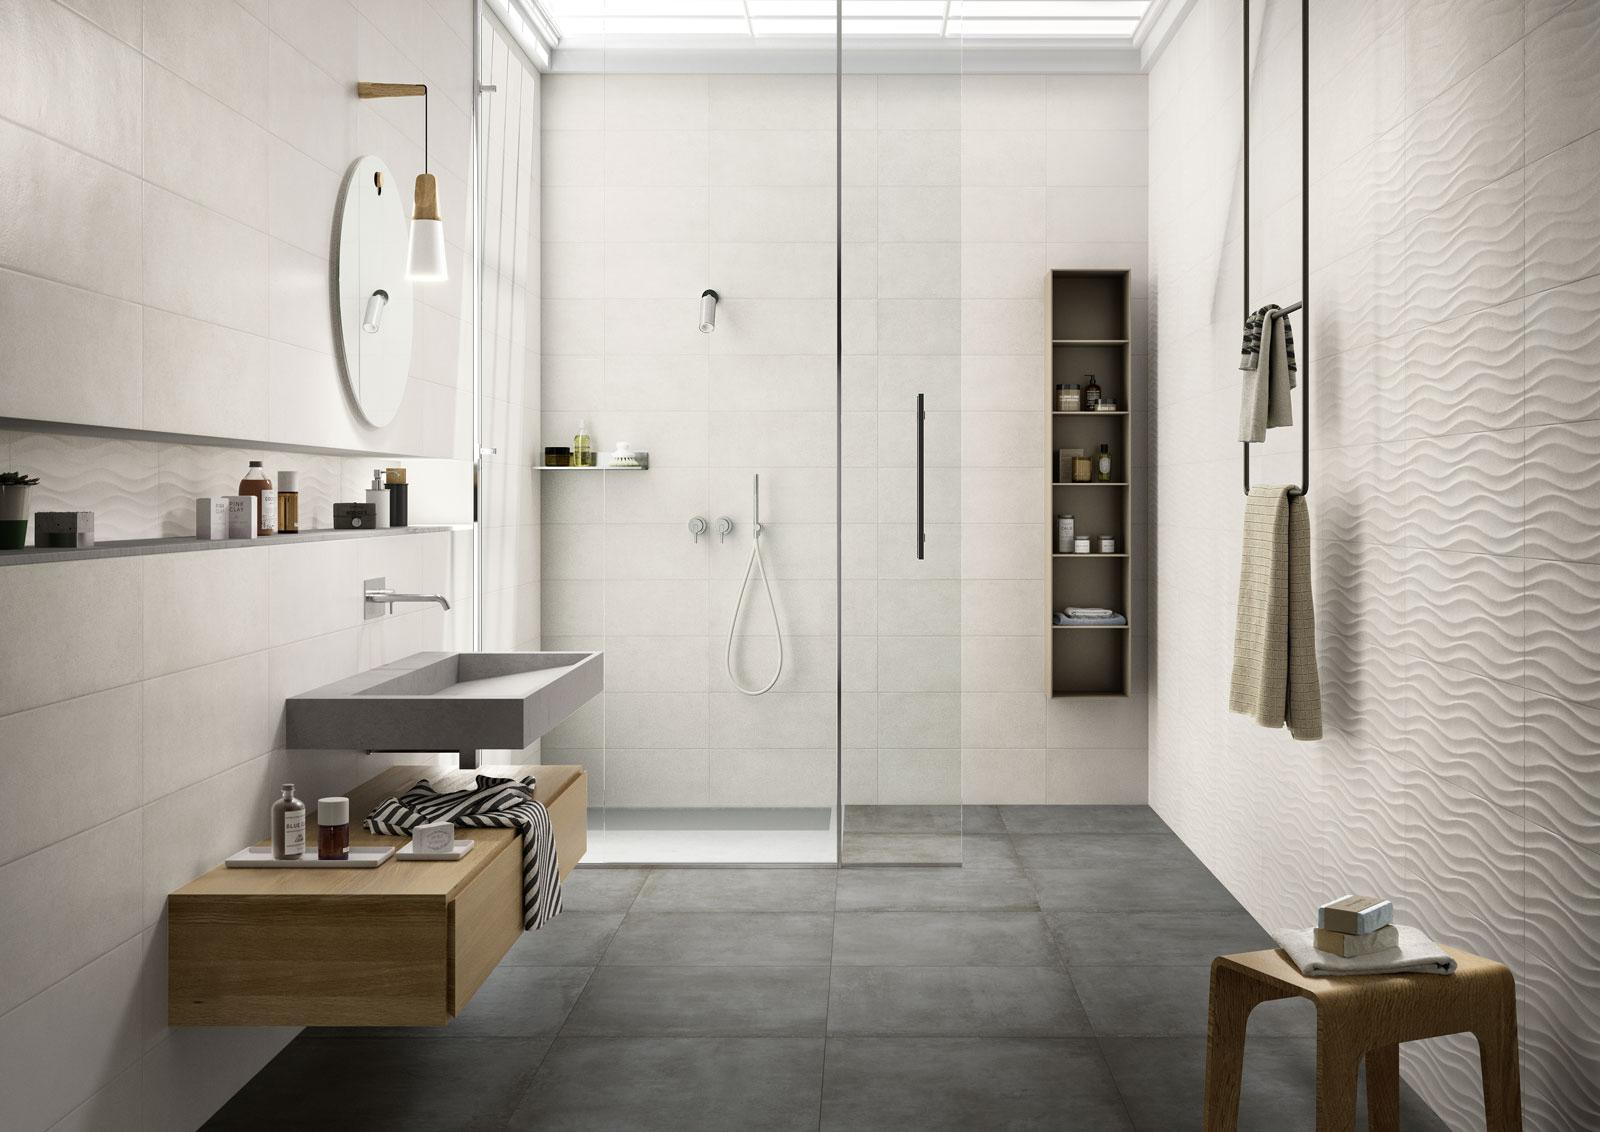 Carrelage salle de bain c ramique et gr s c rame marazzi for Carrelage italien marazzi